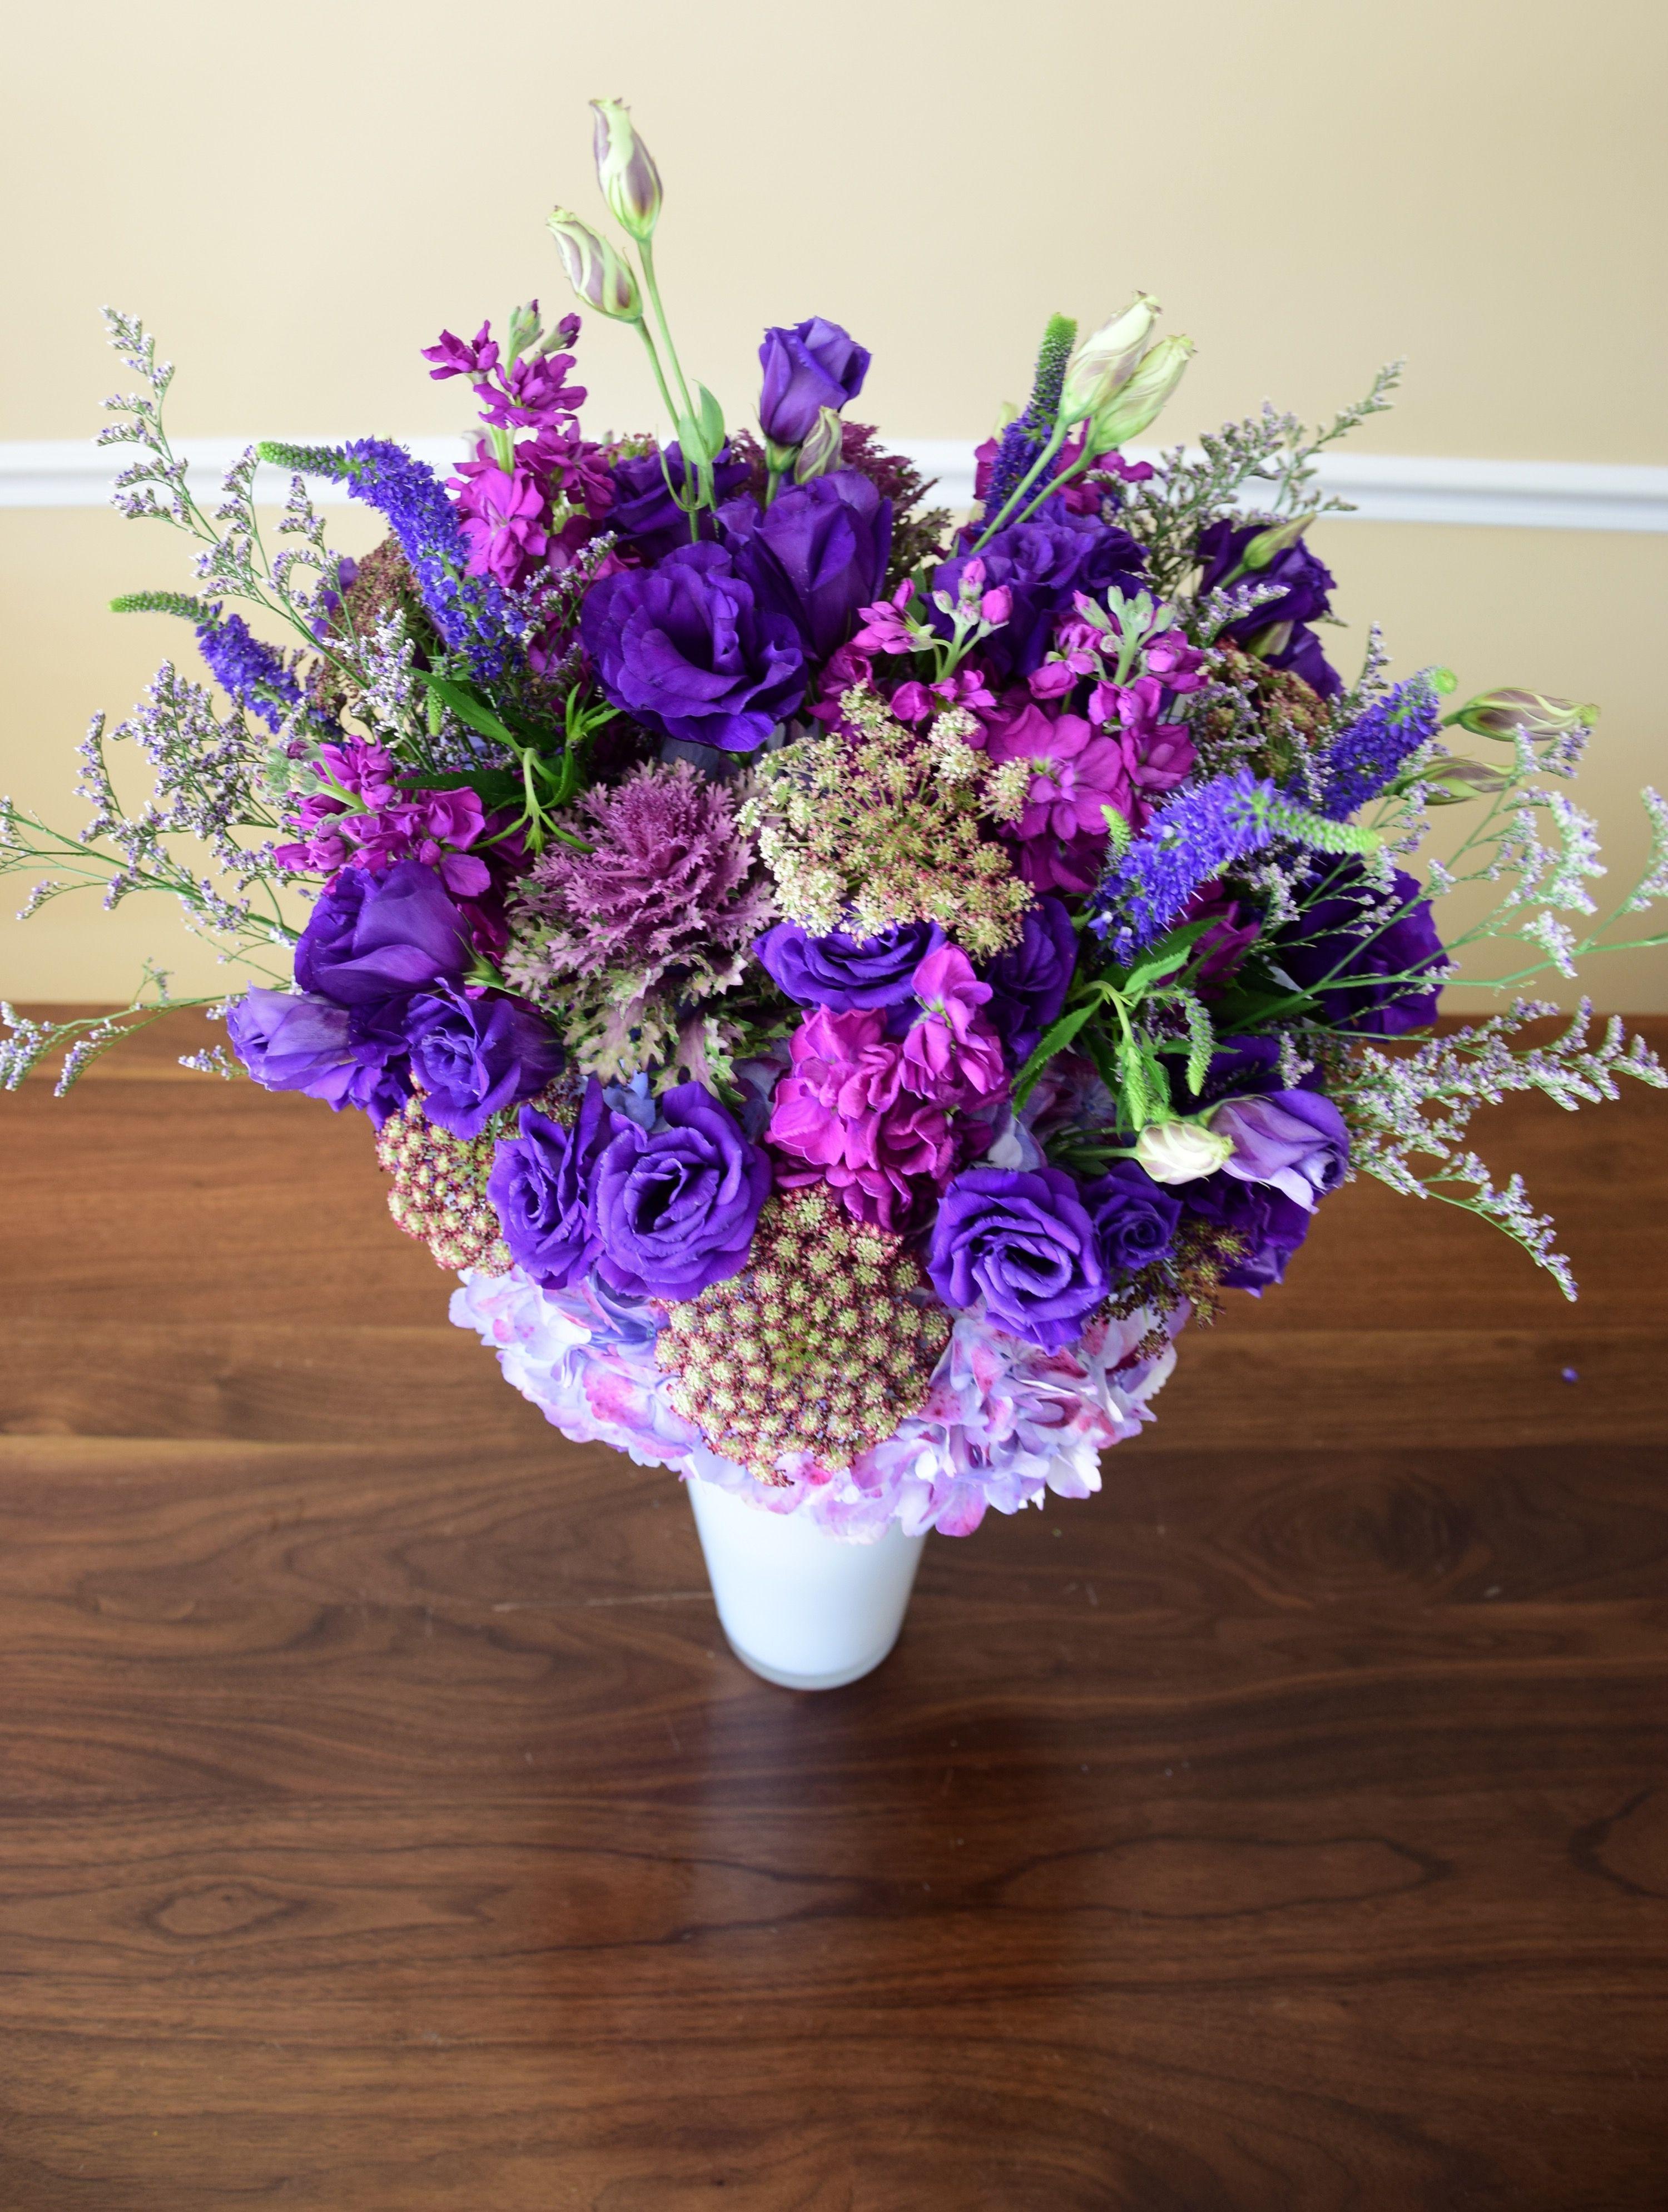 Flower centerpiece with purple flowers. Birthday flower